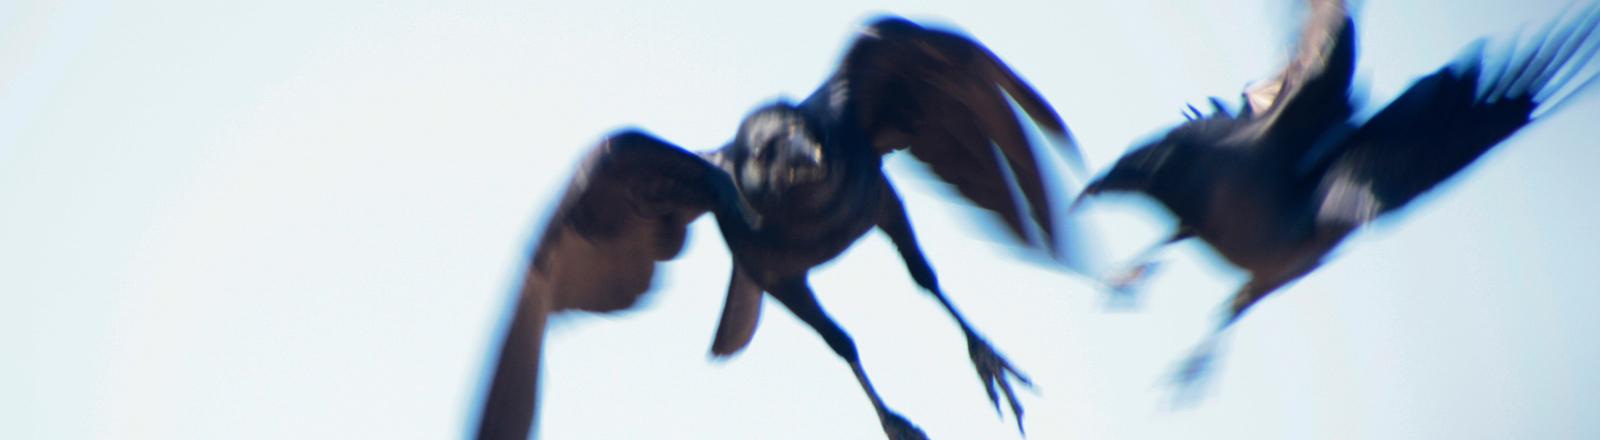 Zwei Krähen fliegen in der Luft.